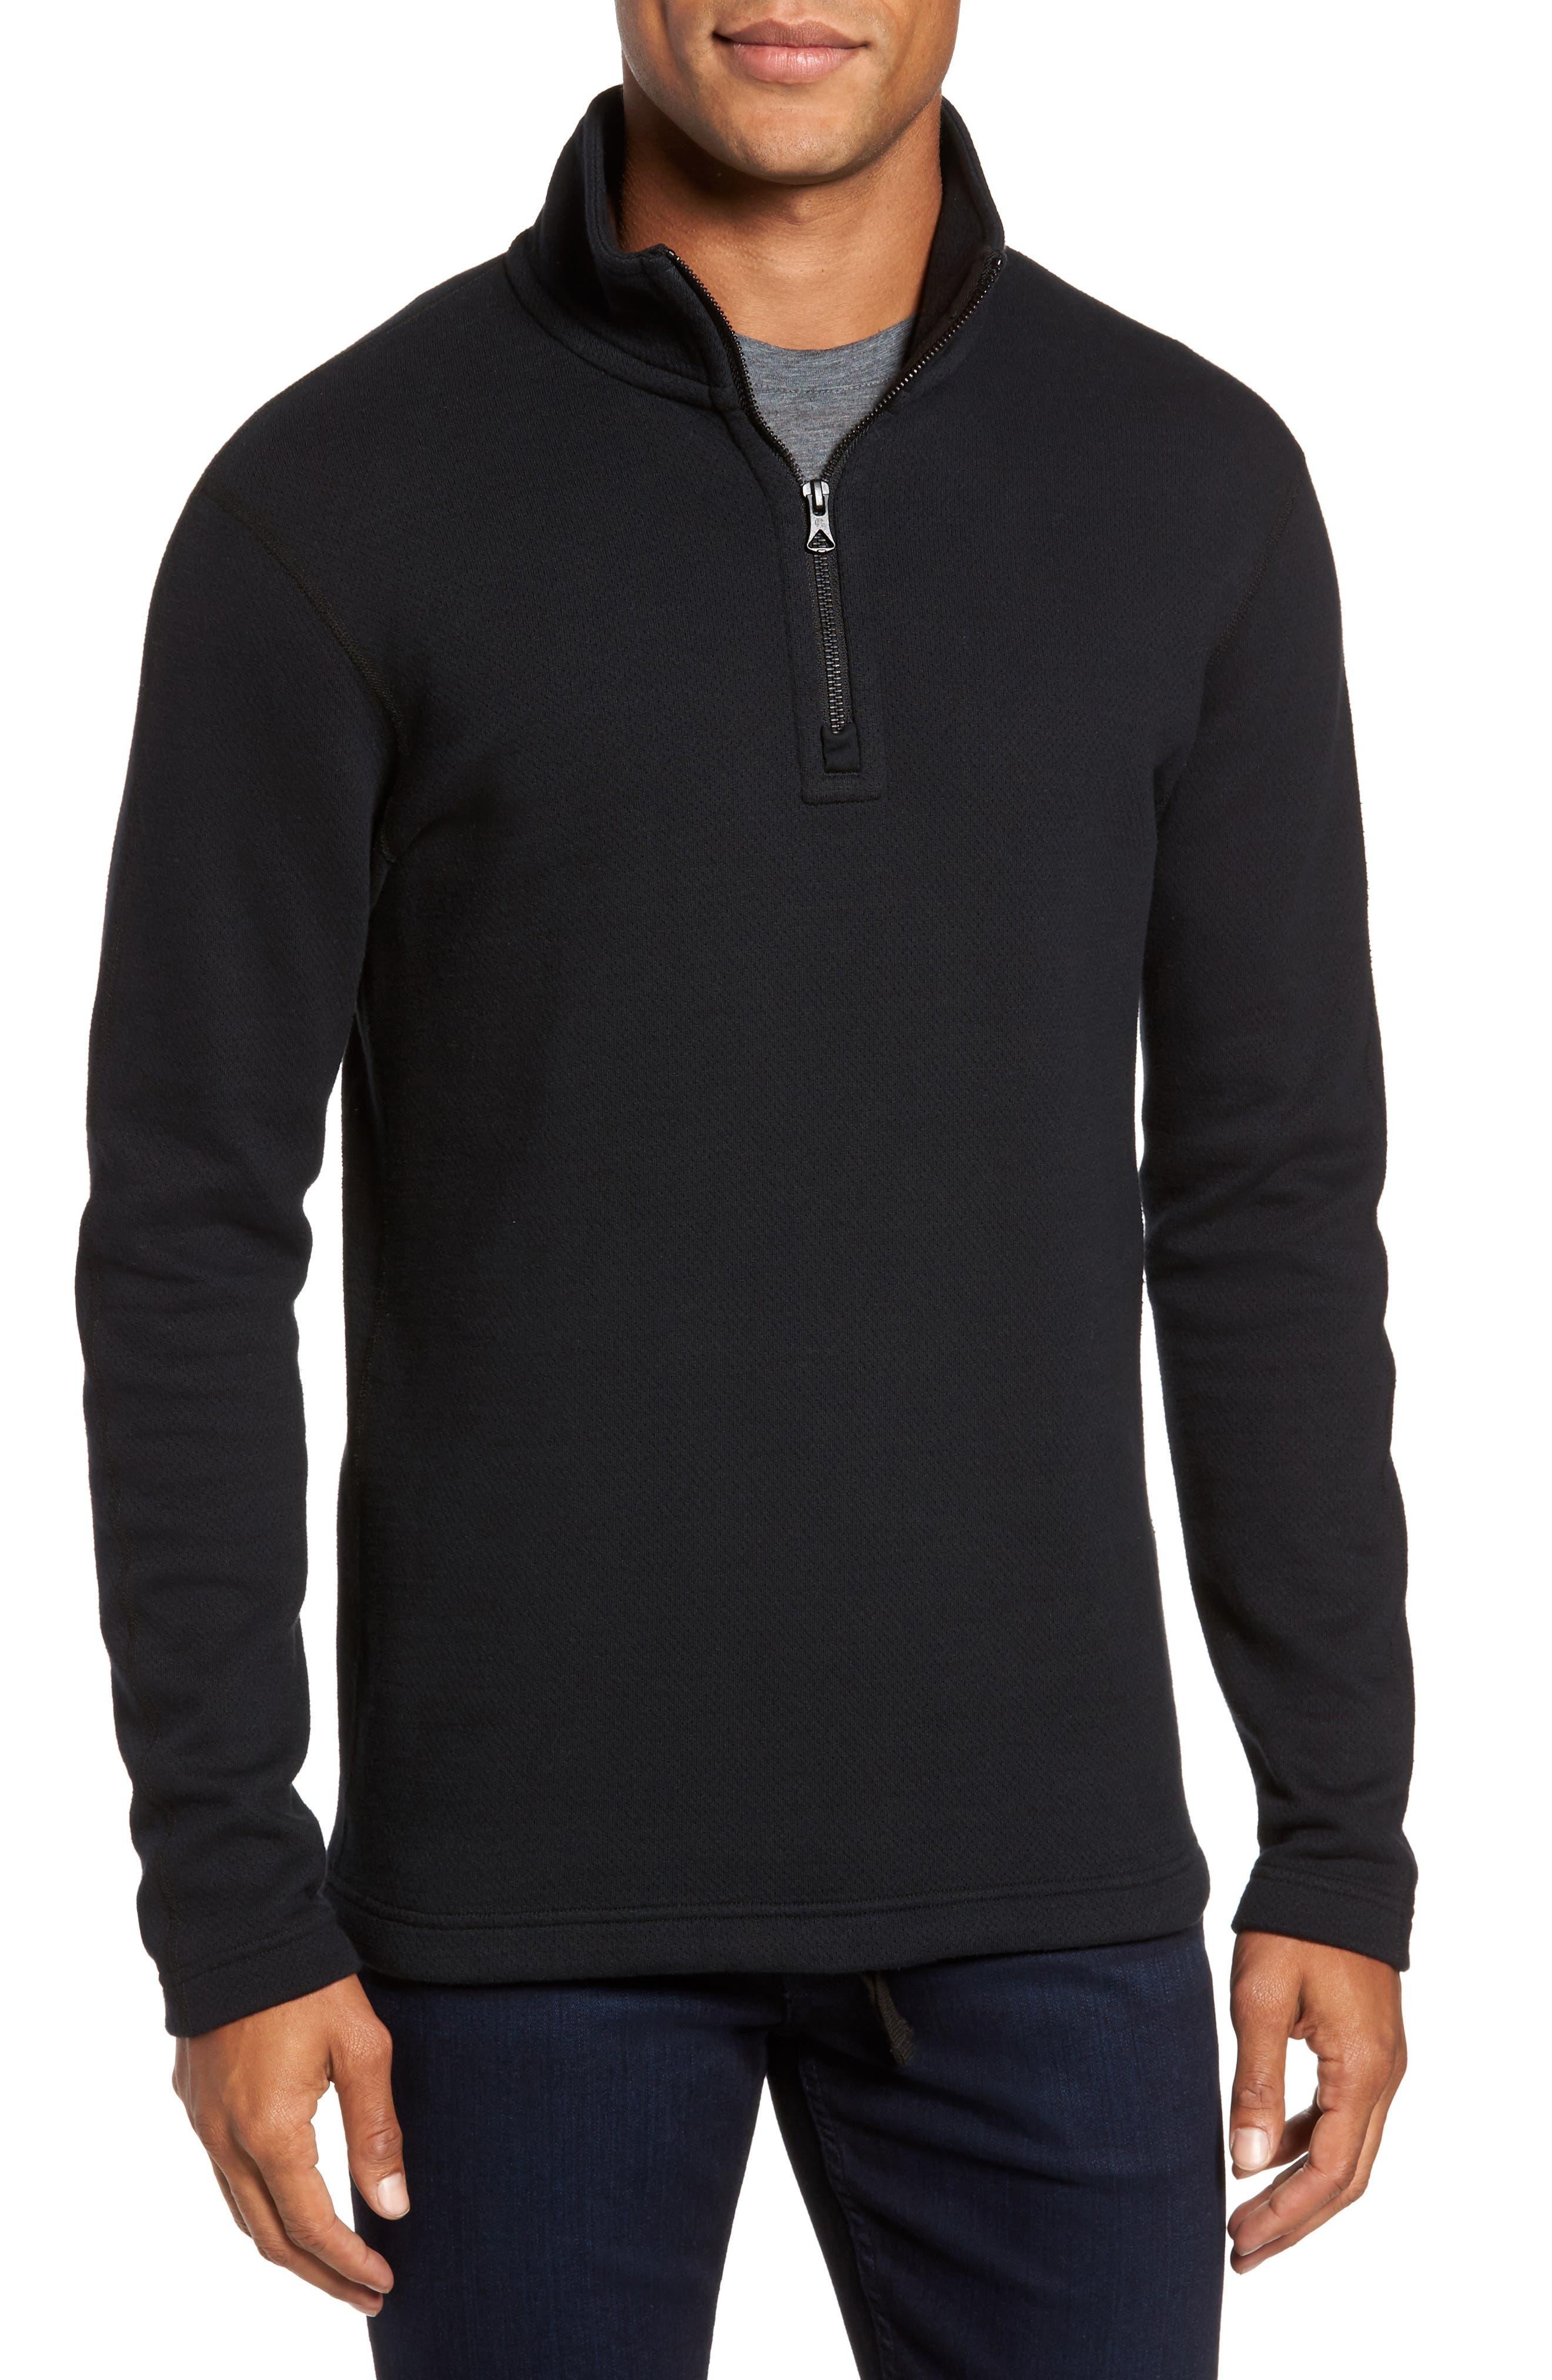 Mesh Half Zip Fleece Top,                         Main,                         color, Black